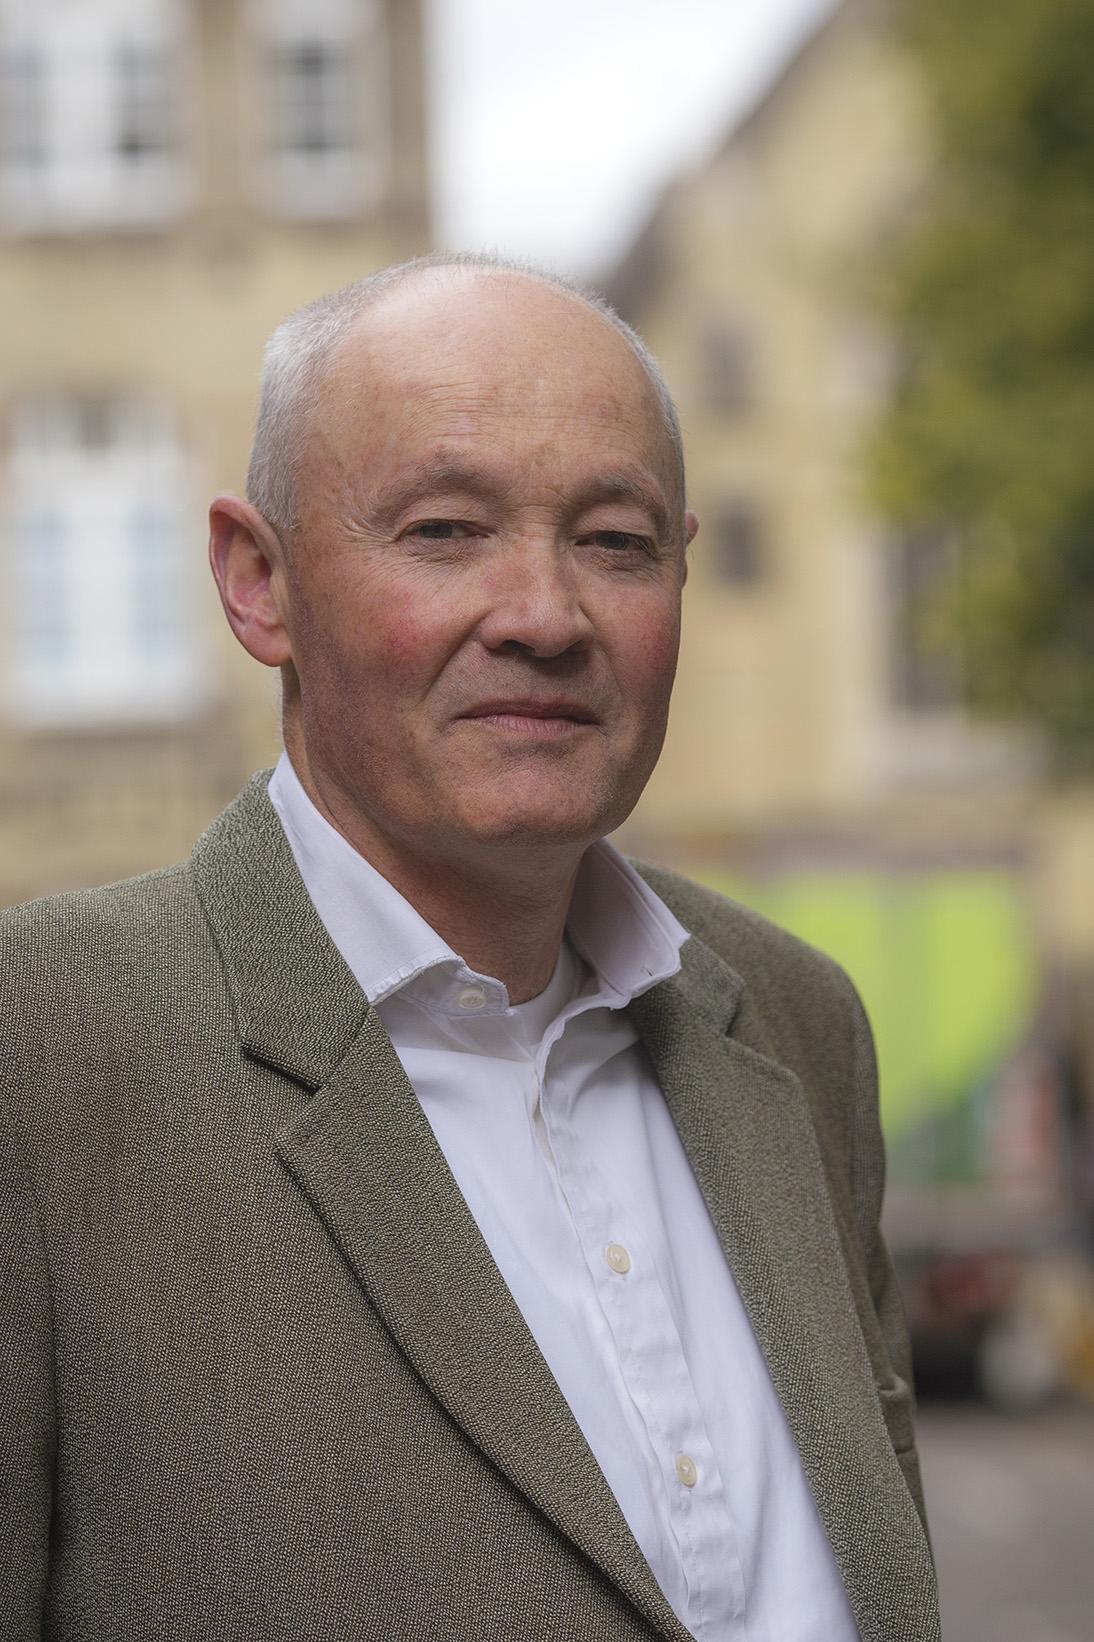 Gerard Cranley